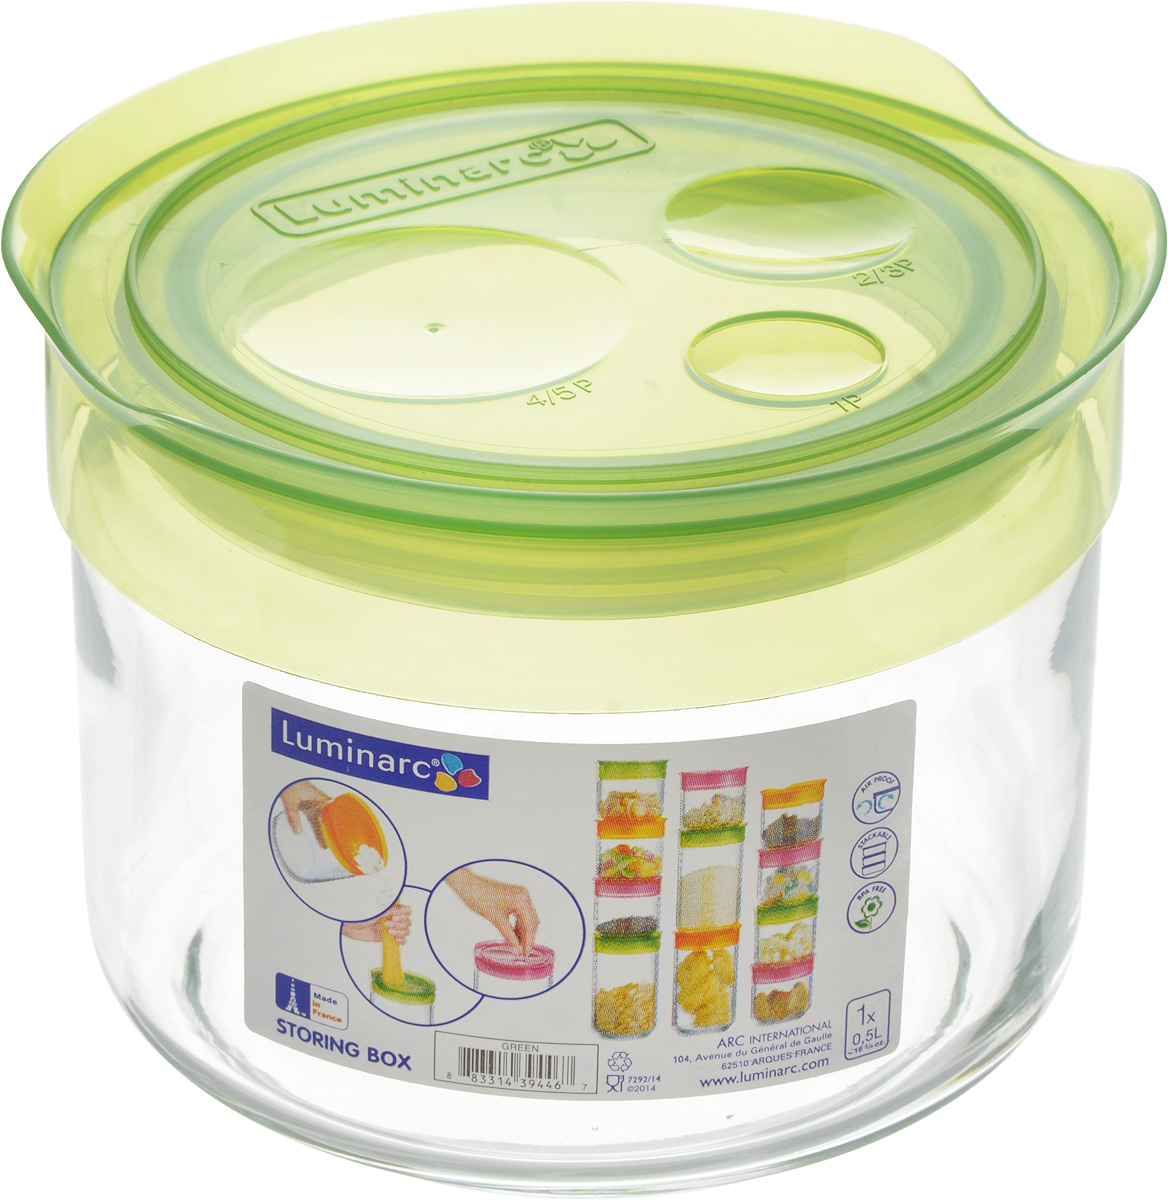 """Банка Luminarc """"Storing Box"""", выполненная из  упрочненного стекла, станет незаменимым  помощником на кухне. В ней будет удобно хранить  разнообразные сыпучие продукты, такие как кофе,  сахар, соль или специи. Прозрачная банка позволит следить,  что и в каком количестве находится внутри. Банка надежно  закрывается пластиковой крышкой, которая снабжена  резиновым уплотнителем для лучшей фиксации.  Такая банка не только сэкономит место на вашей кухне, но и  украсит интерьер. Объем: 500 мл. Диаметр банки (по верхнему краю): 9 см. Высота банки (без учета крышки): 8 см."""